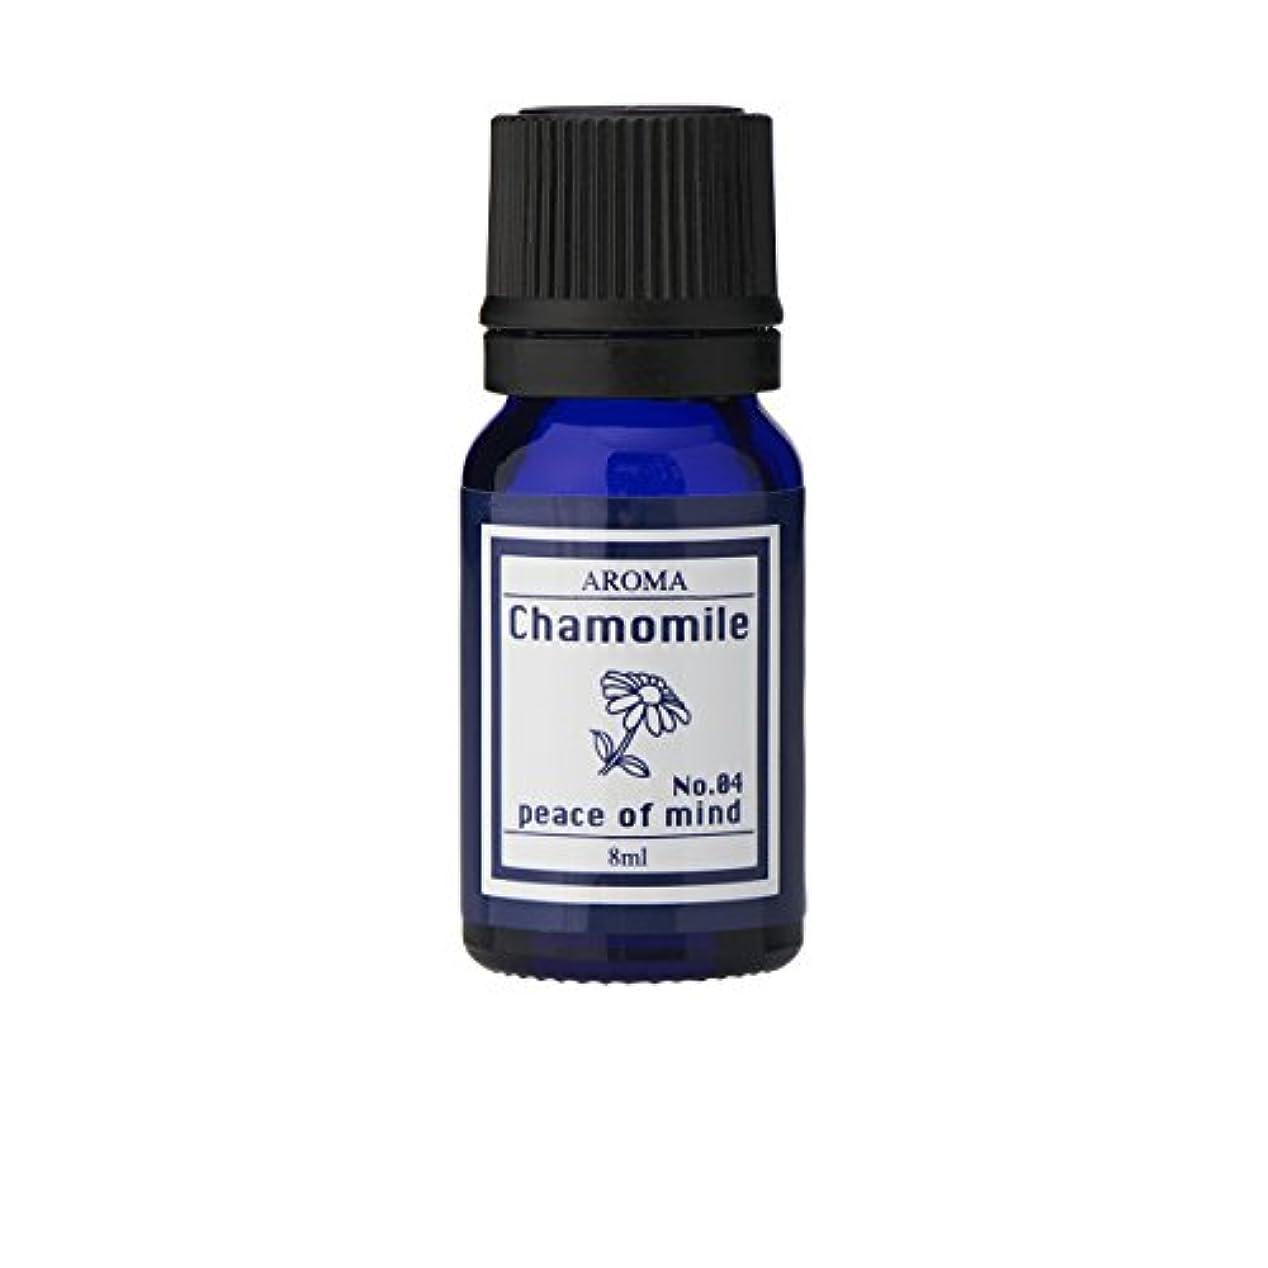 早い許容できるデザートブルーラベル アロマエッセンス8ml カモマイル(アロマオイル 調合香料 芳香用)